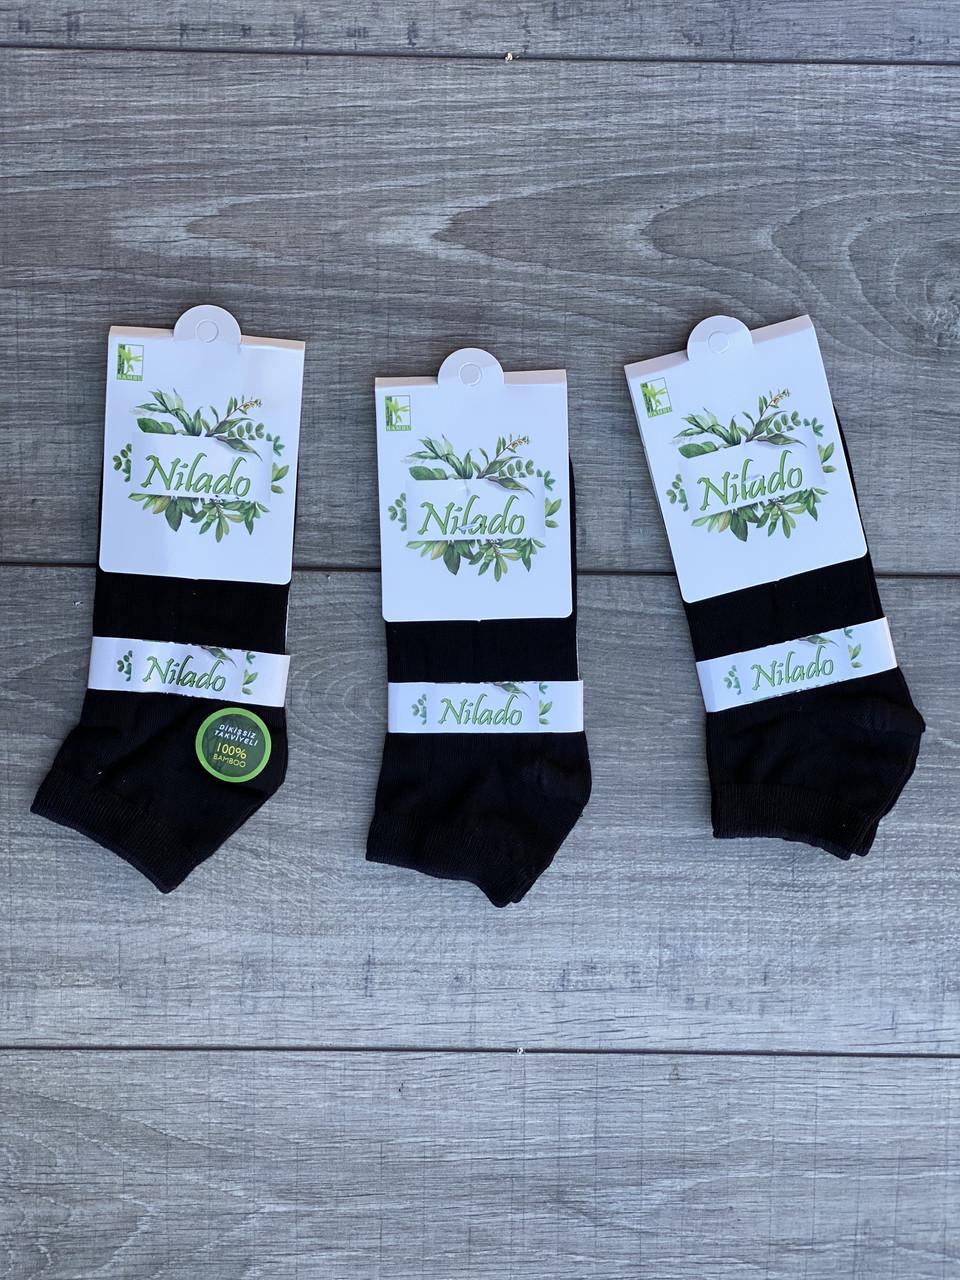 Жіночі носки шкарпетки стрейчеві Niladoбамбук антибактеріальні однотонні35-39 12 шт в упчорні